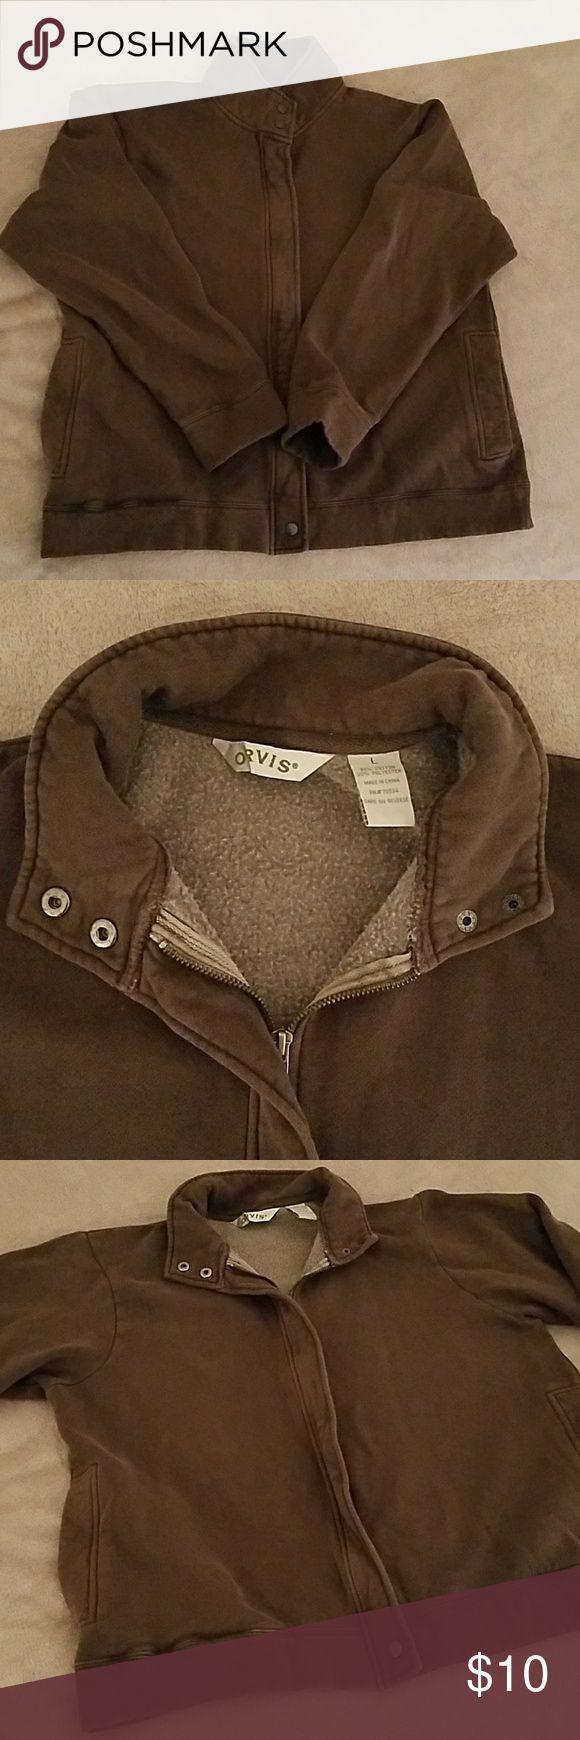 Brown zip up jacket Men's brown zip up jacket Orvis Jackets & Coats Lightweight & Shirt Jackets